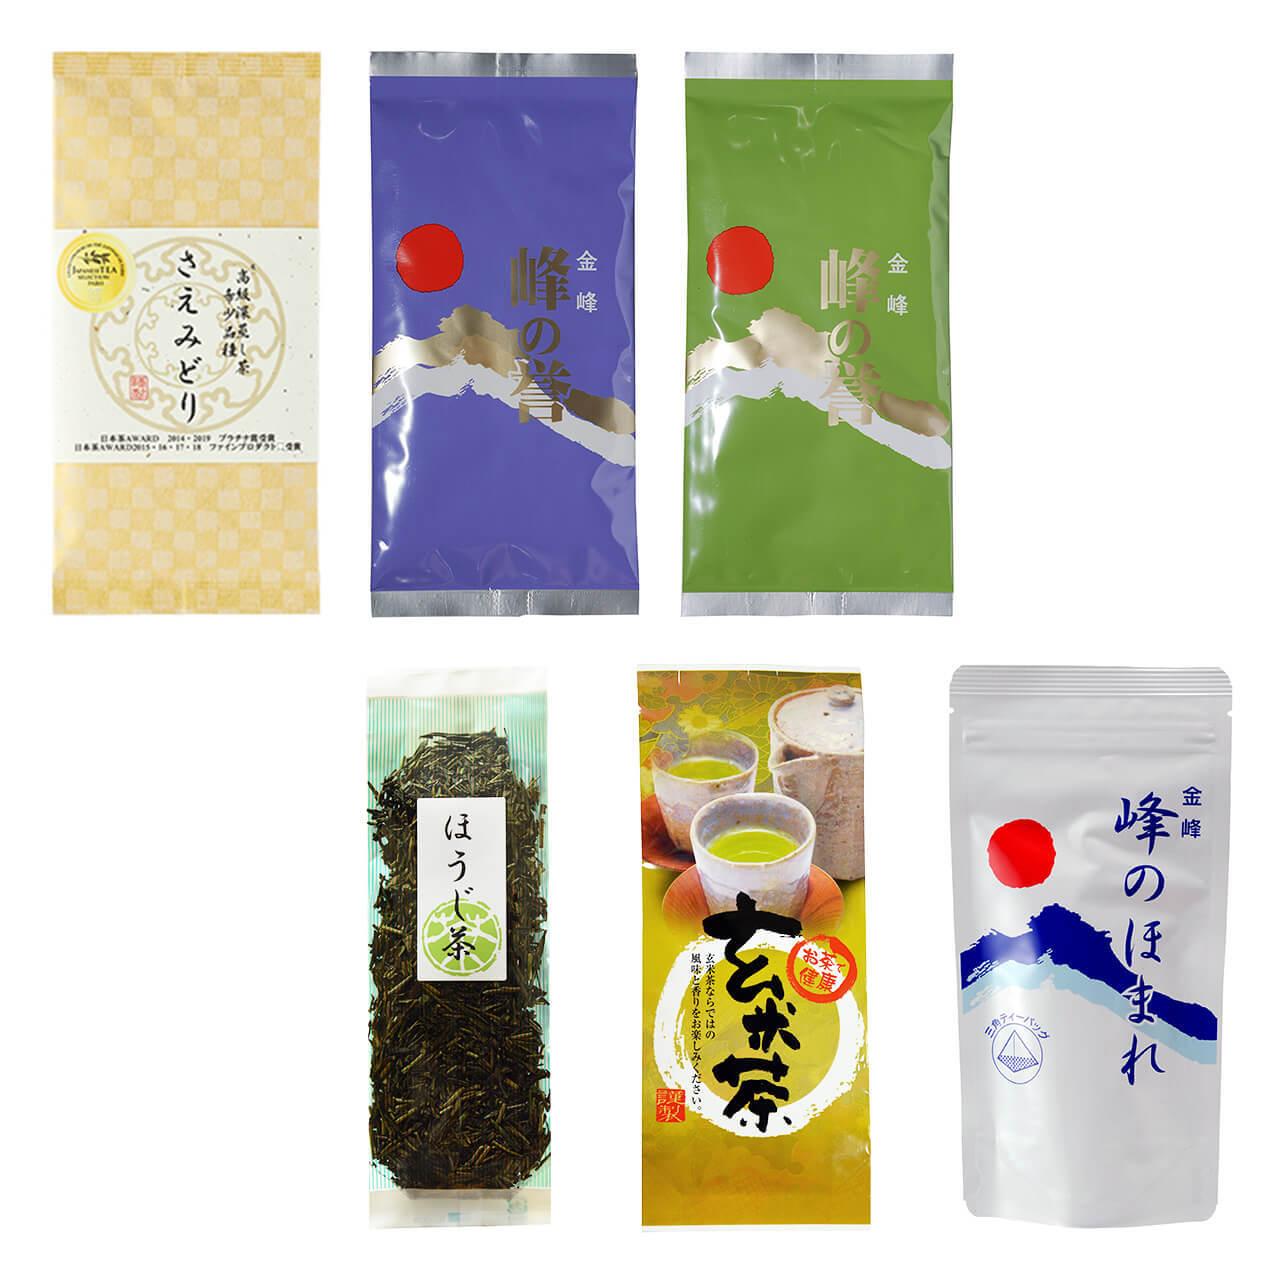 お茶 緑茶 お茶の葉 6種 バラエティセット 鹿児島 小牧緑峰園